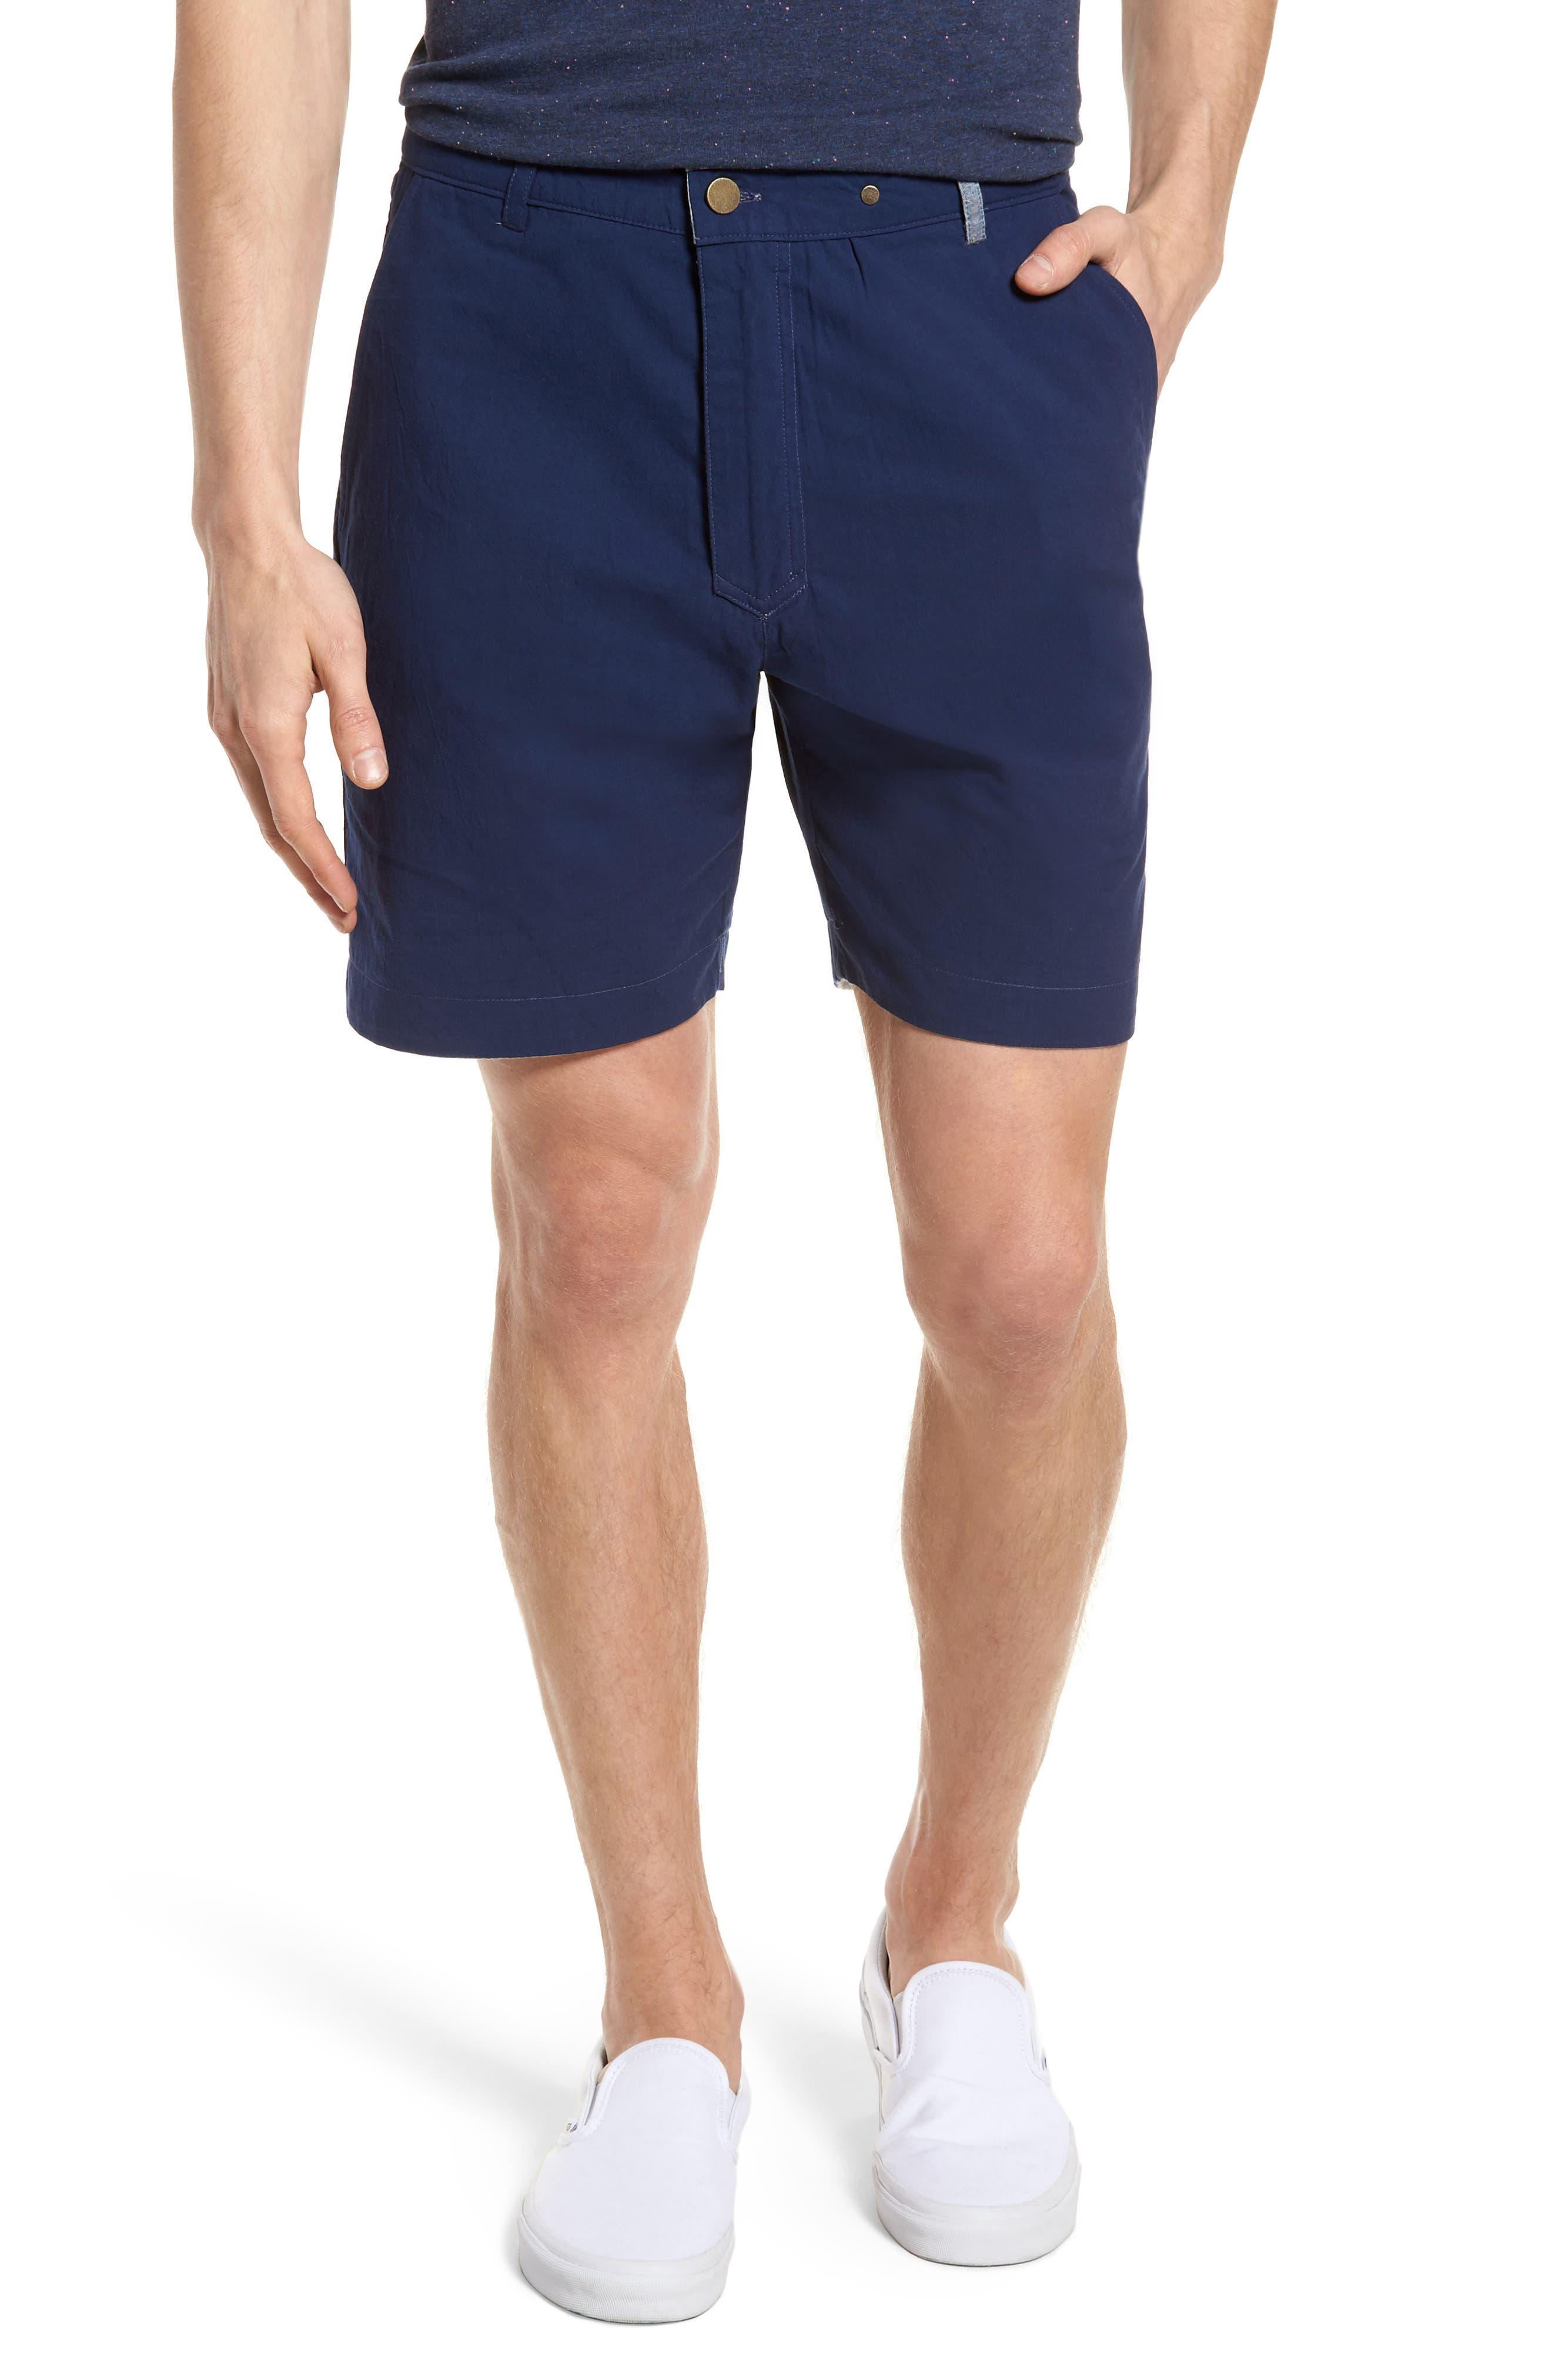 Rock Steady Reversible Shorts,                             Main thumbnail 1, color,